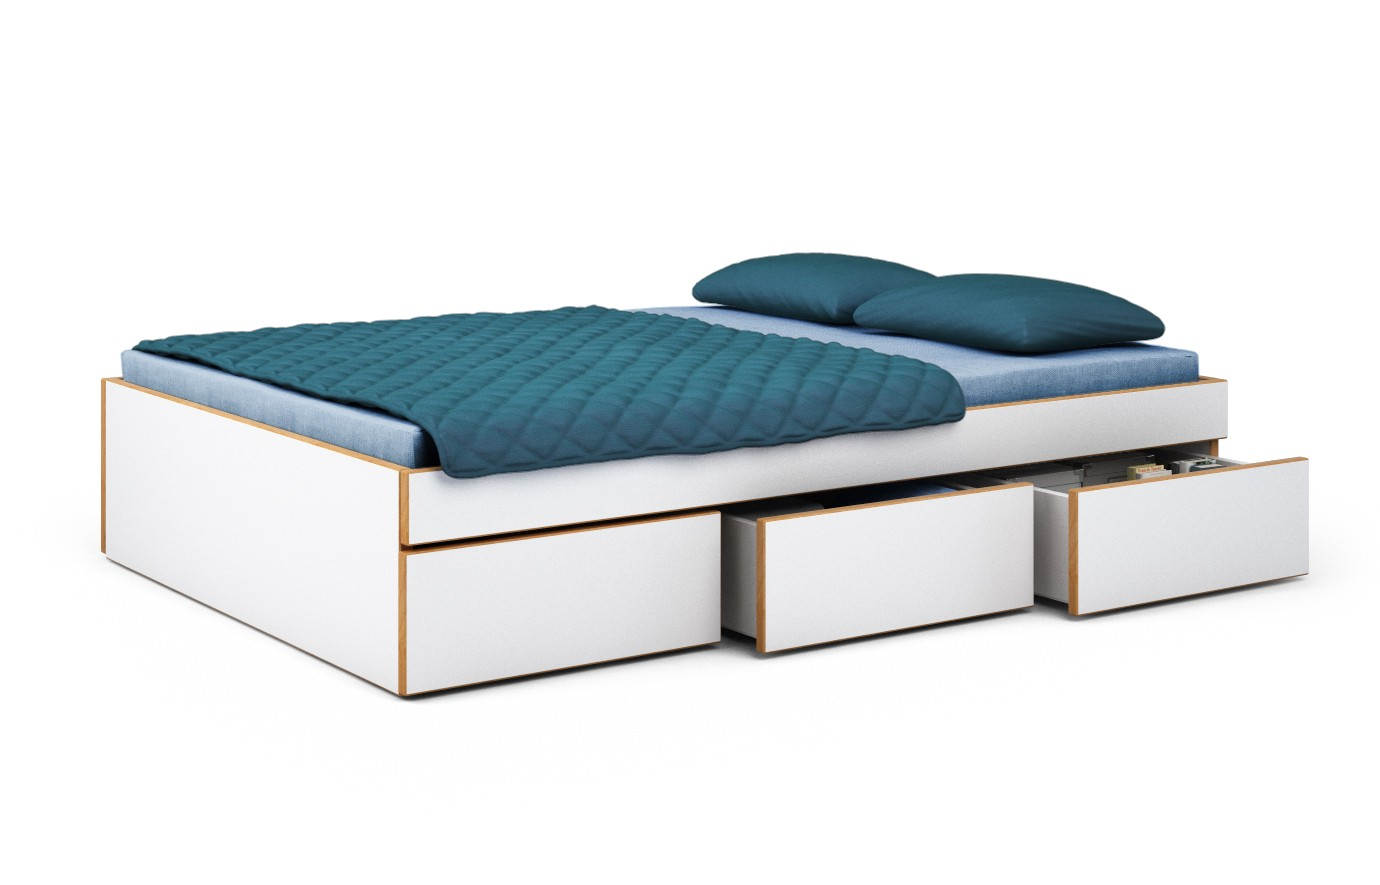 Full Size of Betten 120x200 Bett Kirschbaum Josef Gnstig Bei Nhoma 180x200 Musterring Mit Aufbewahrung Amazon Rauch Ikea 160x200 Günstig Kaufen Amerikanische Breckle Bett Betten 120x200